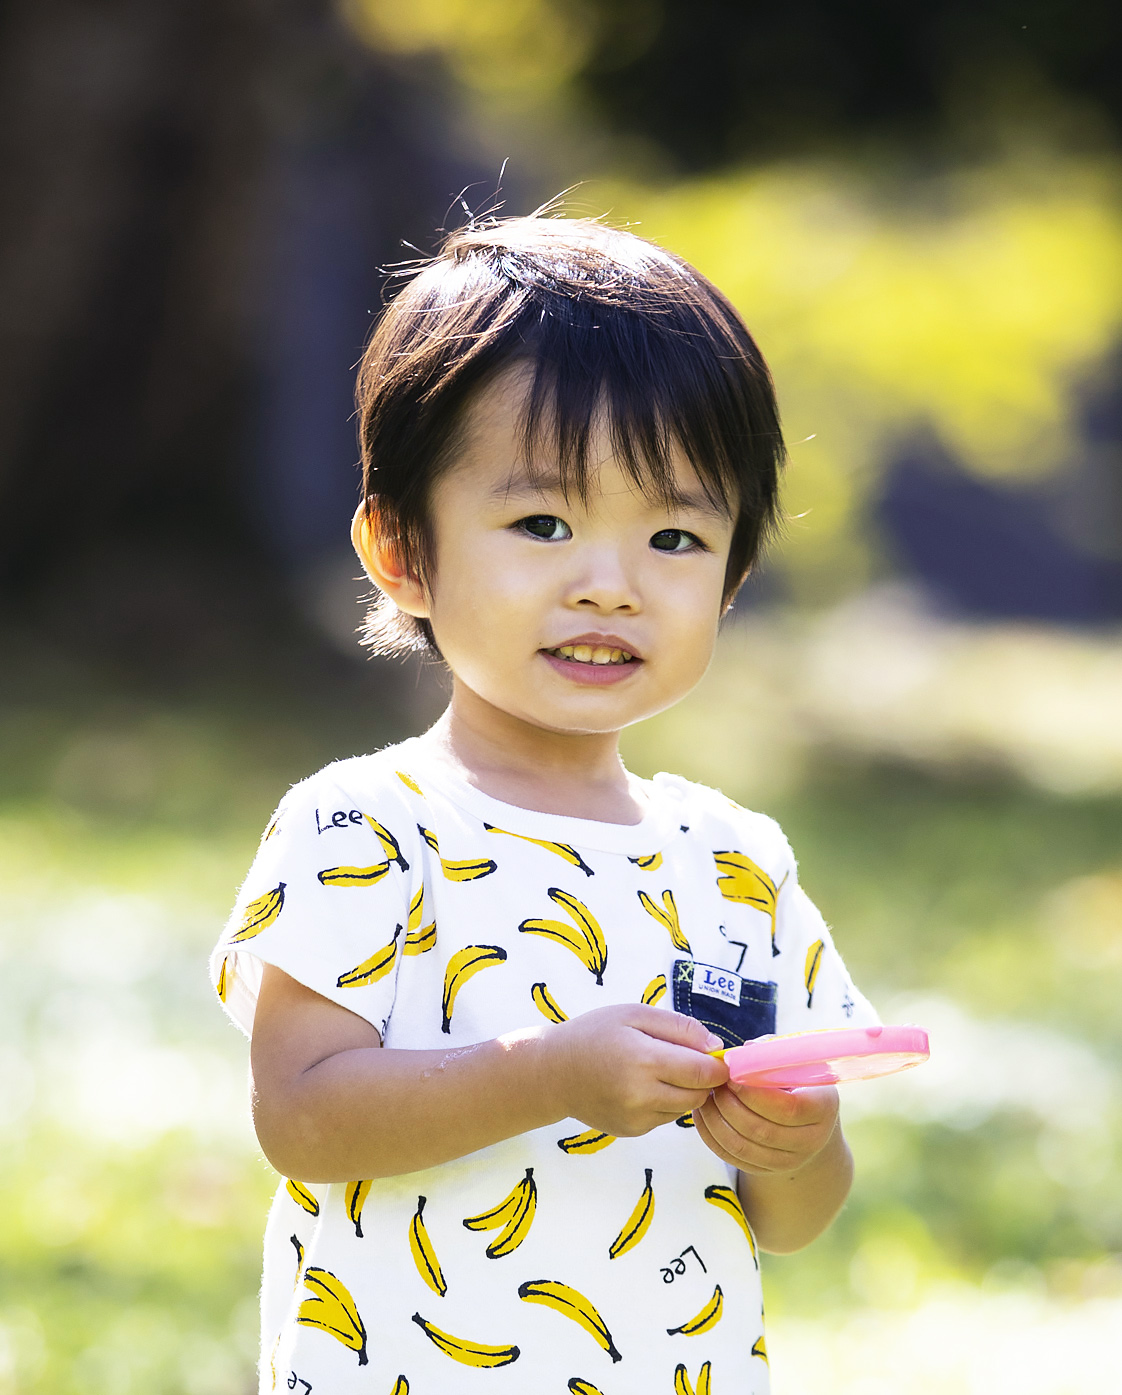 福岡のカメラマン井下良治写真事務所の子供写真